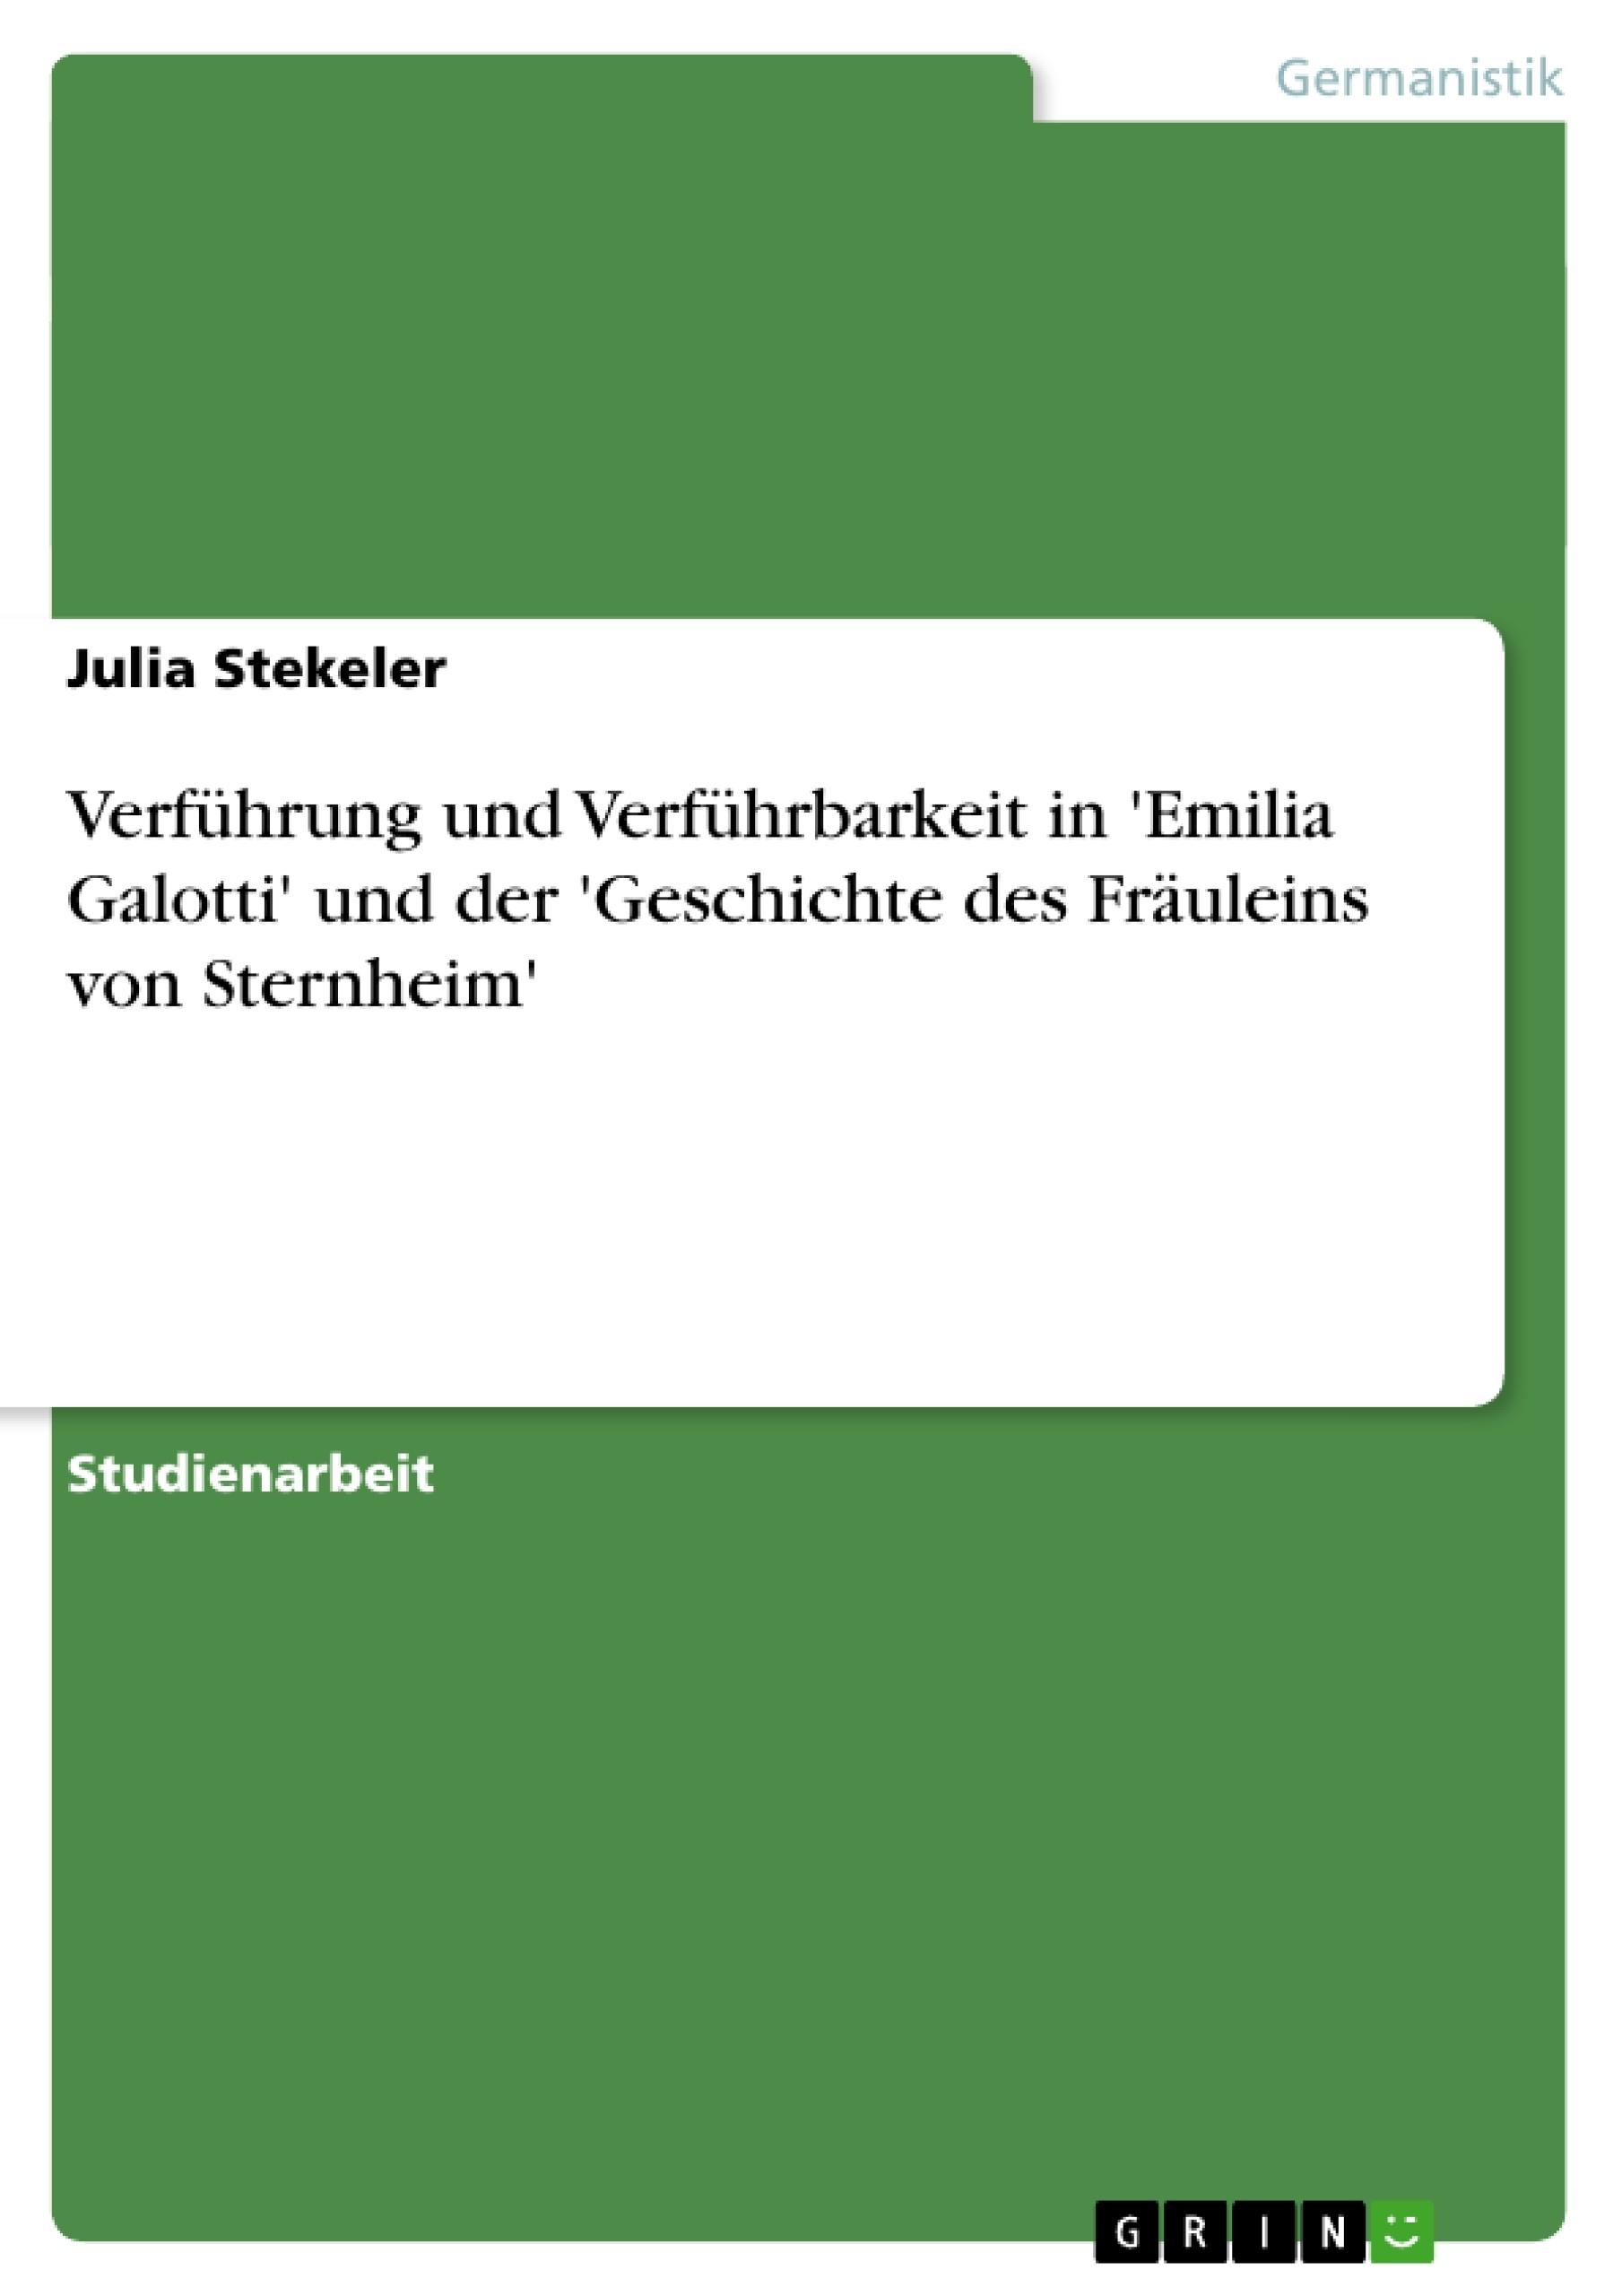 Titel: Verführung und Verführbarkeit in 'Emilia Galotti' und der 'Geschichte des Fräuleins von Sternheim'